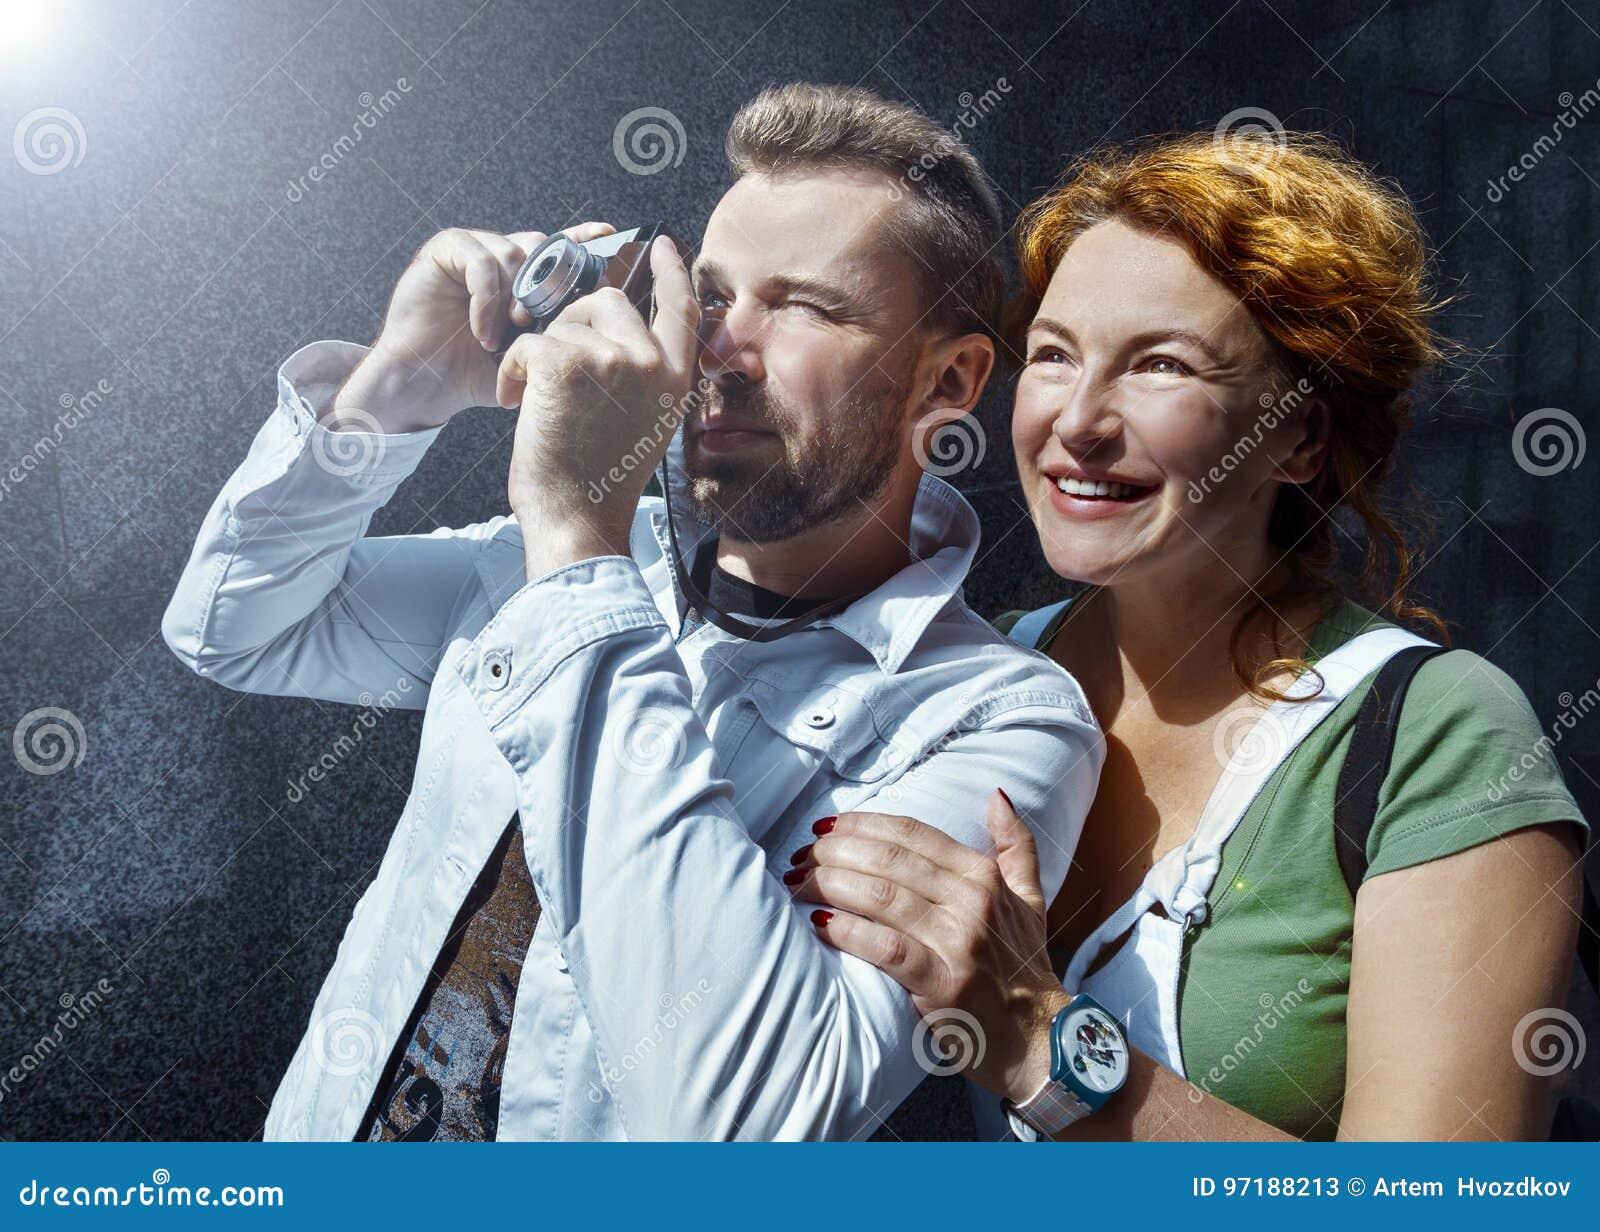 Mężczyzna i kobieta bierze obrazek na rocznik kamerze, dzień, plenerowy